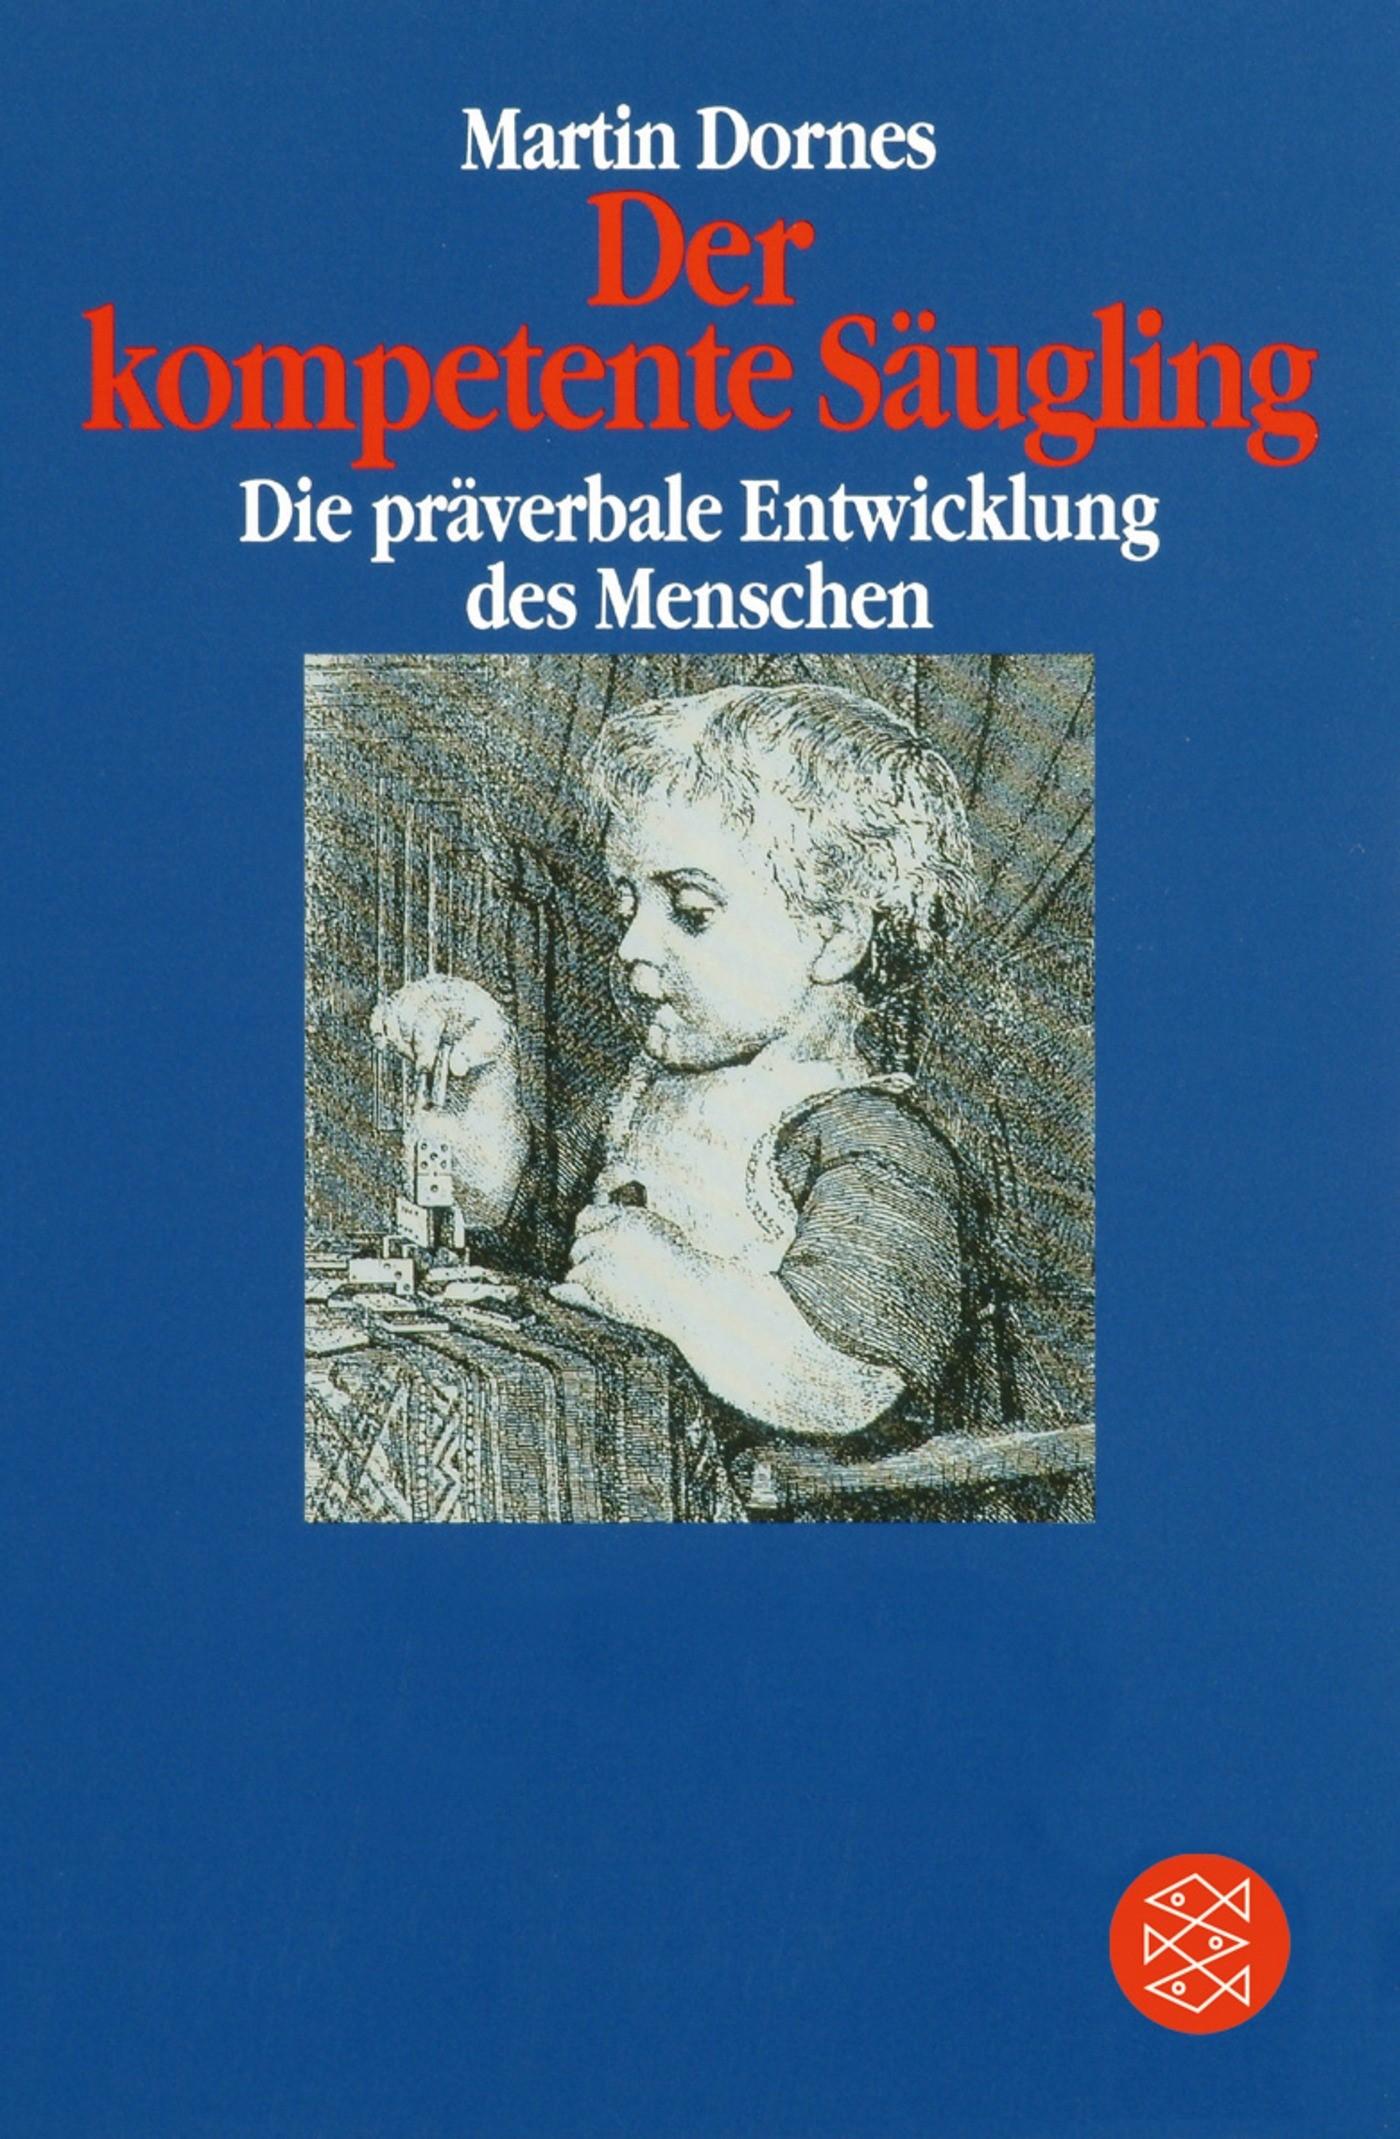 Abbildung von Dornes | Der kompetente Säugling | 1993